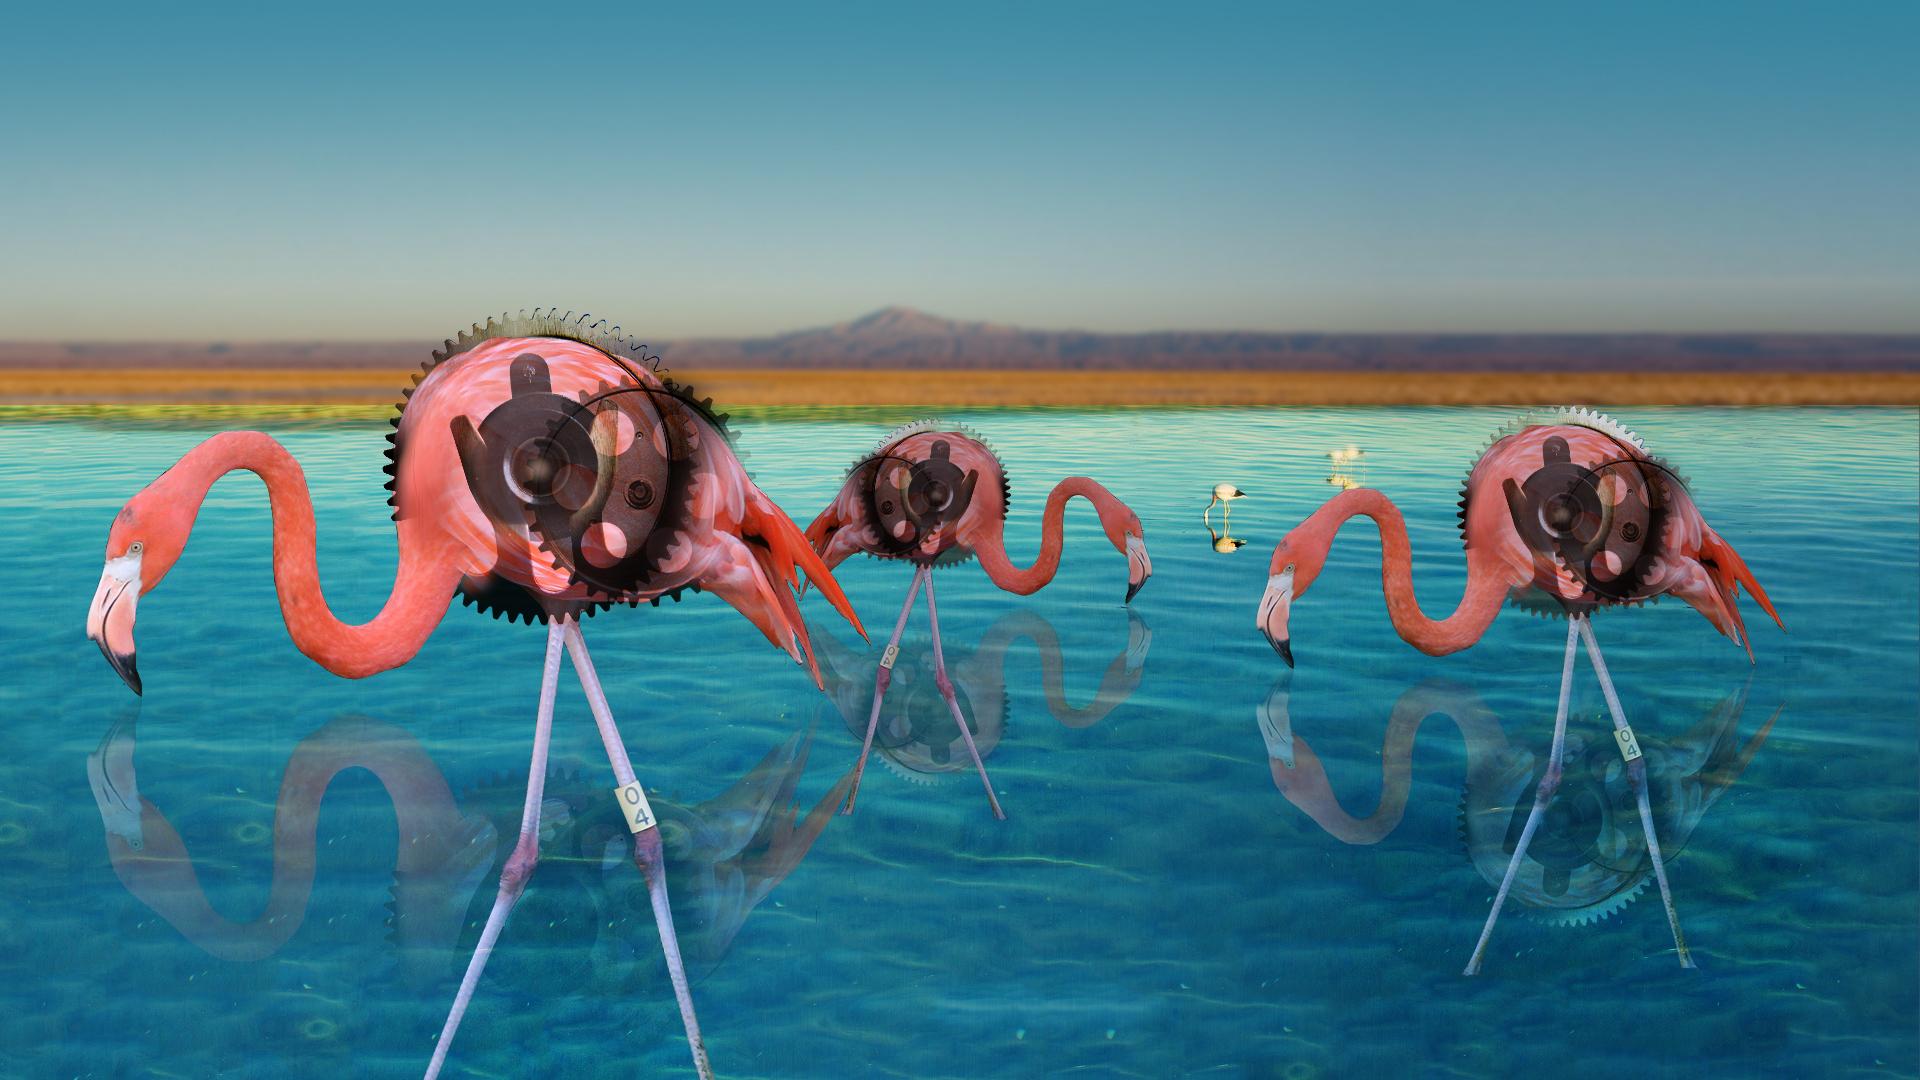 Leah Cornblatt, Photoshop Surrealist Collage